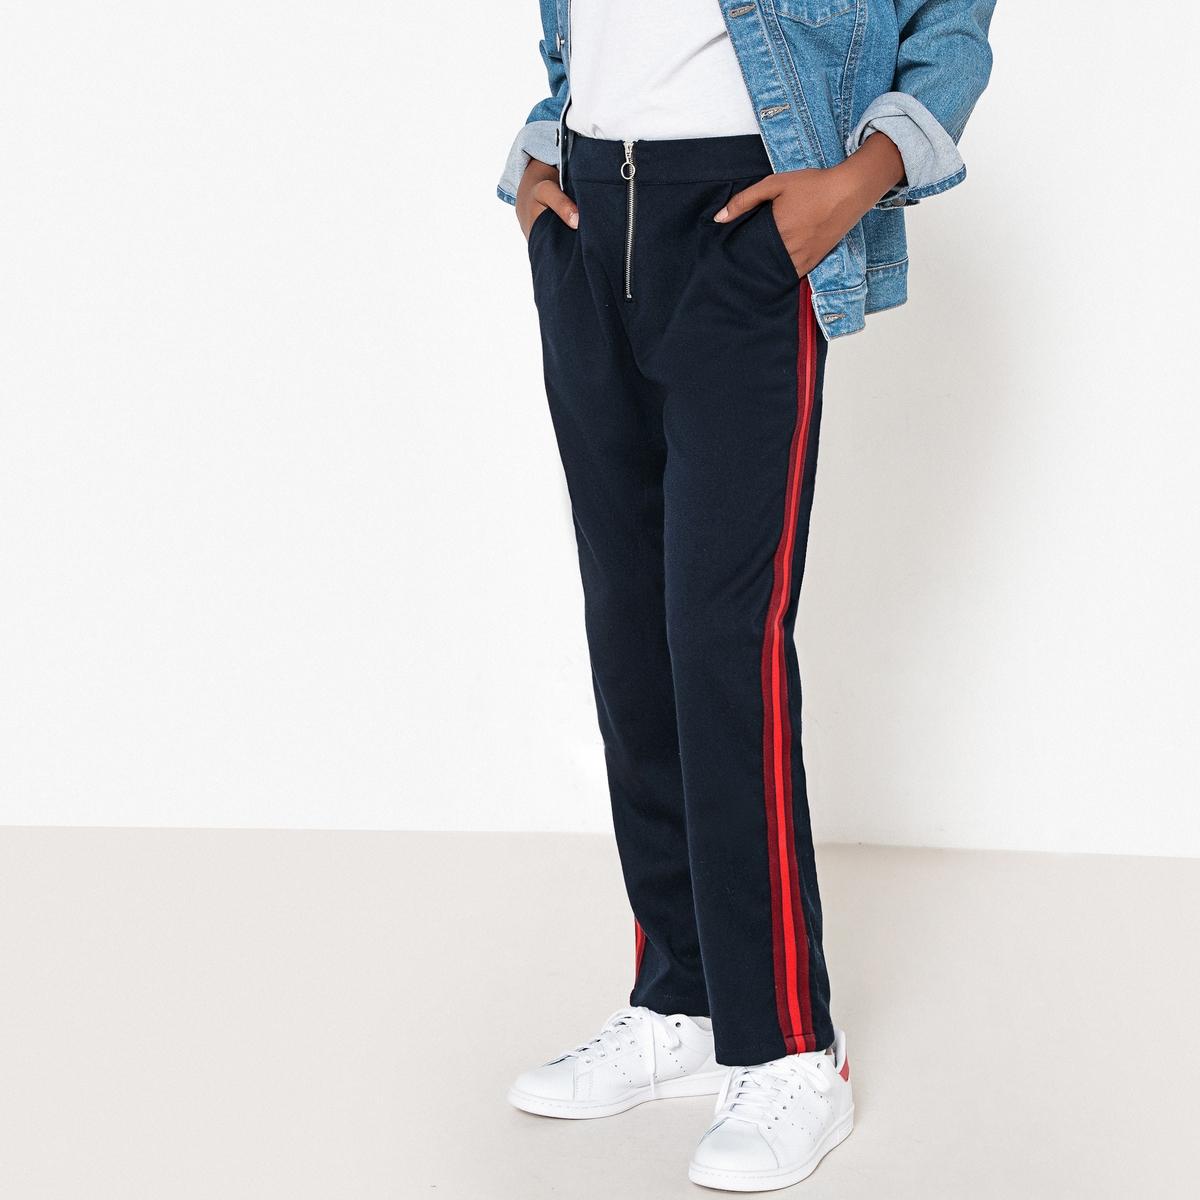 Брюки с застежкой на молнию и полосами по бокам, 10-16 лет прямые брюки с застежкой на молнию cristina effe прямые брюки с застежкой на молнию